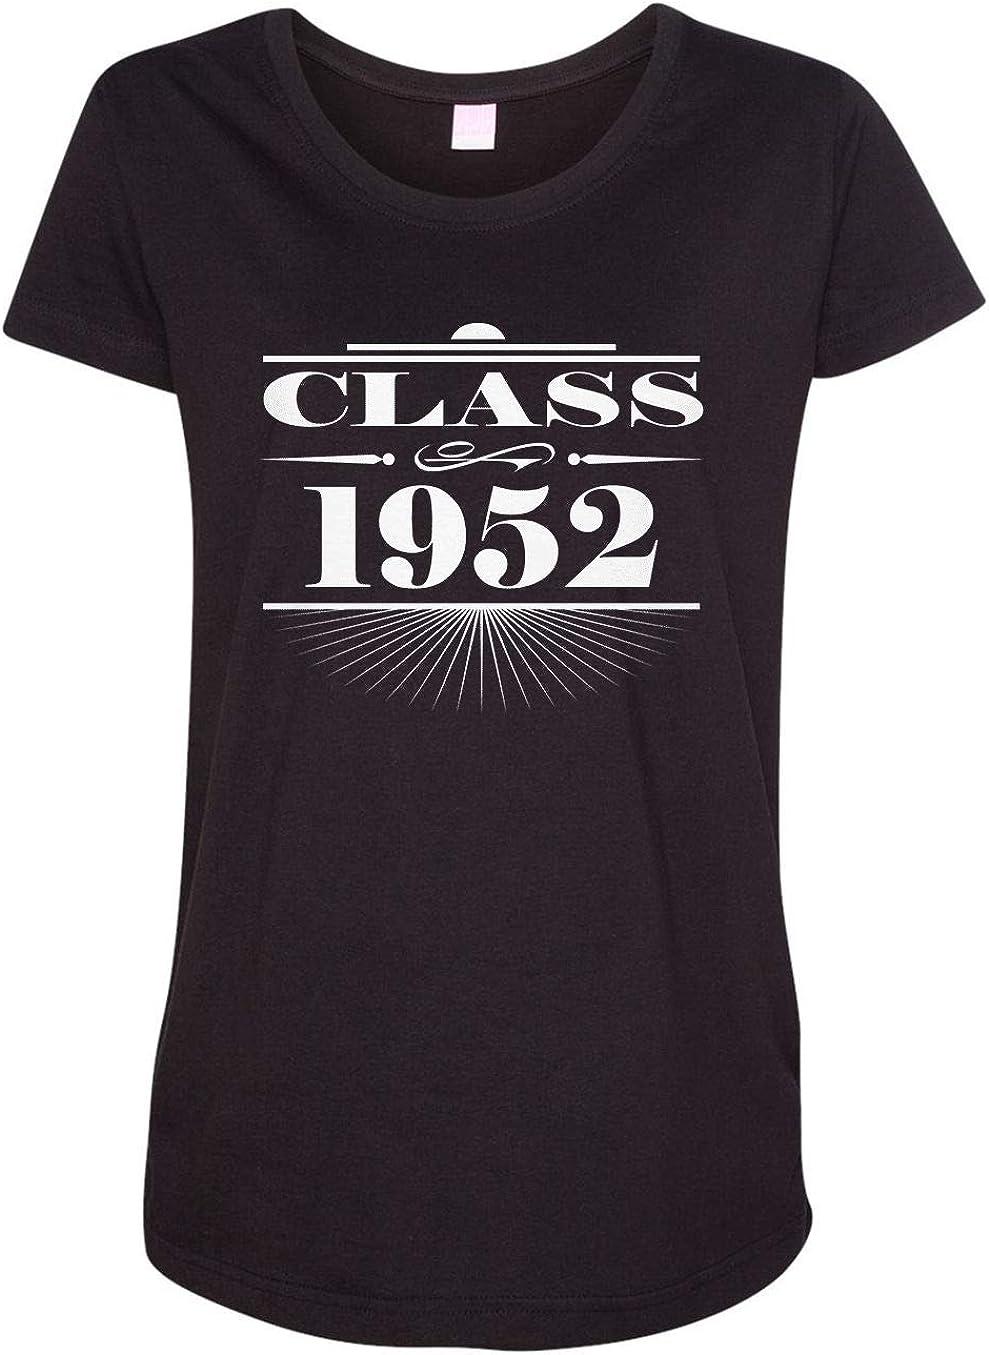 HARD EDGE DESIGN Women's Art Deco Class of 1952 T-Shirt